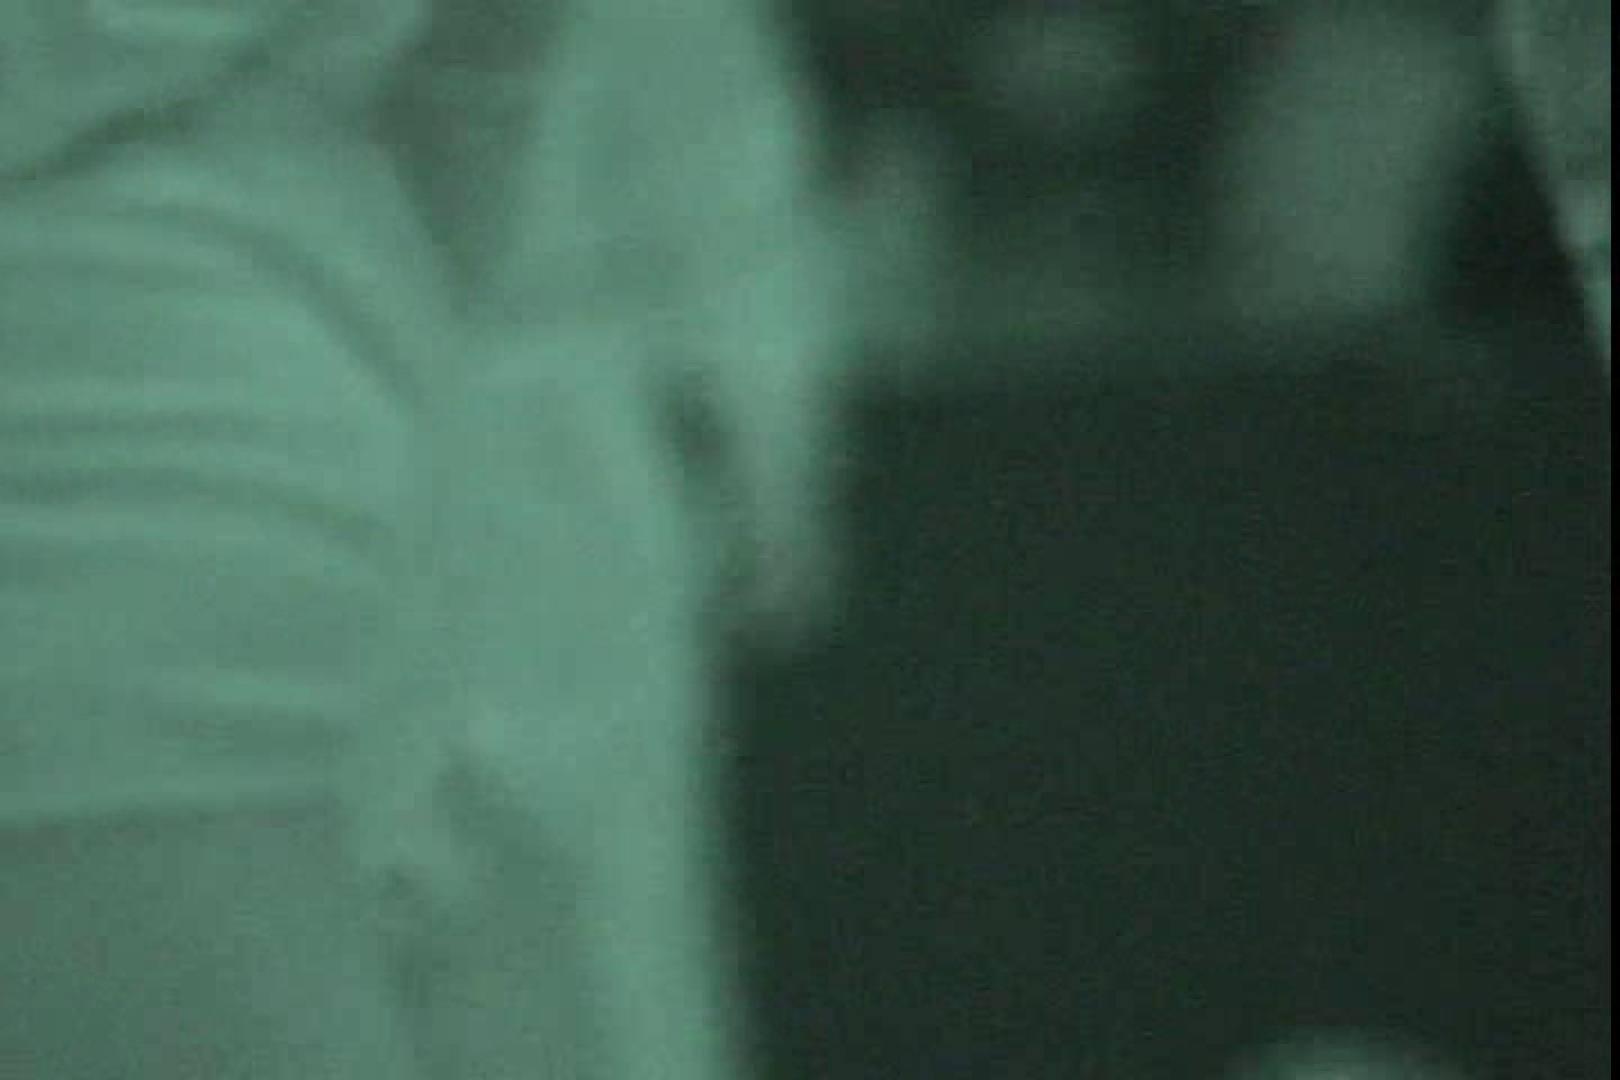 赤外線ムレスケバレー(汗) vol.02 アスリート | 美しいOLの裸体  93pic 10